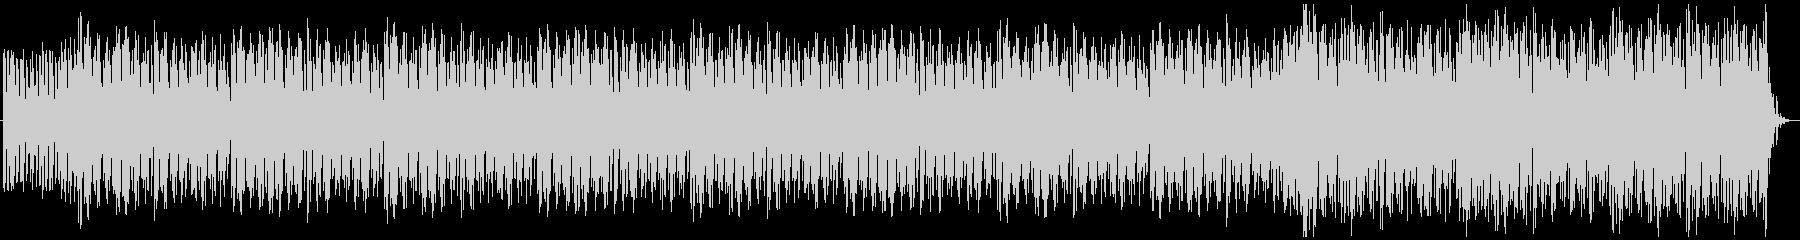 16平均律のベース+ドラム、ユーロビートの未再生の波形